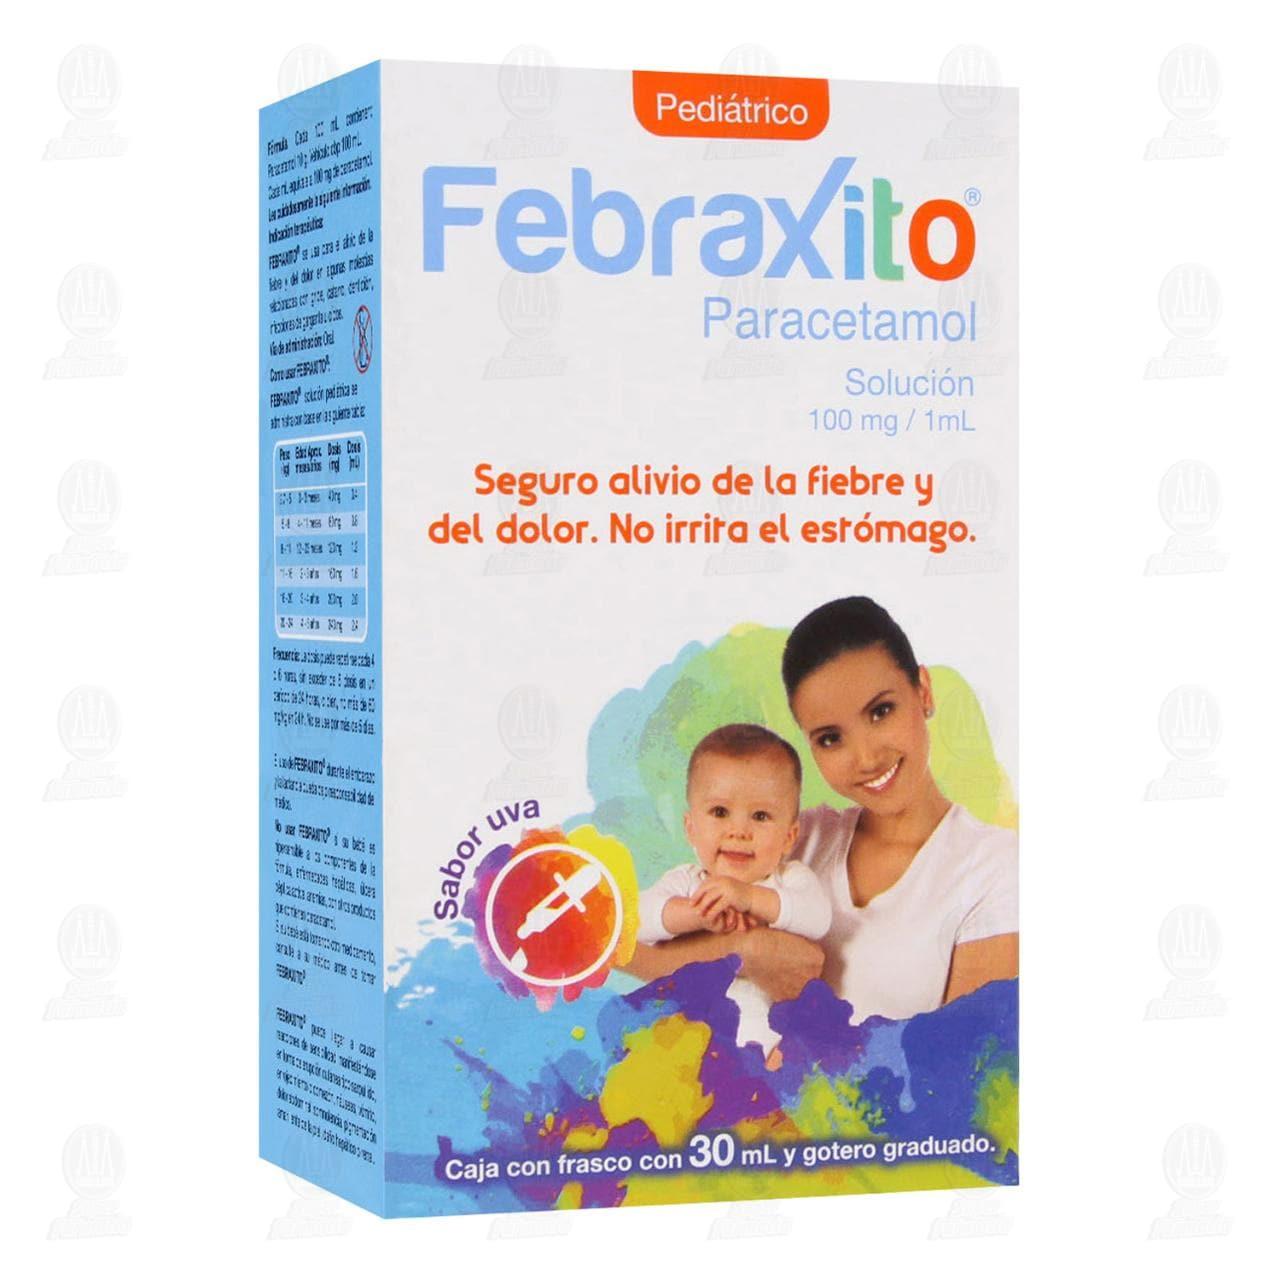 Comprar Febraxito Pediátrico 100mg/1ml 30ml Solución en Farmacias Guadalajara